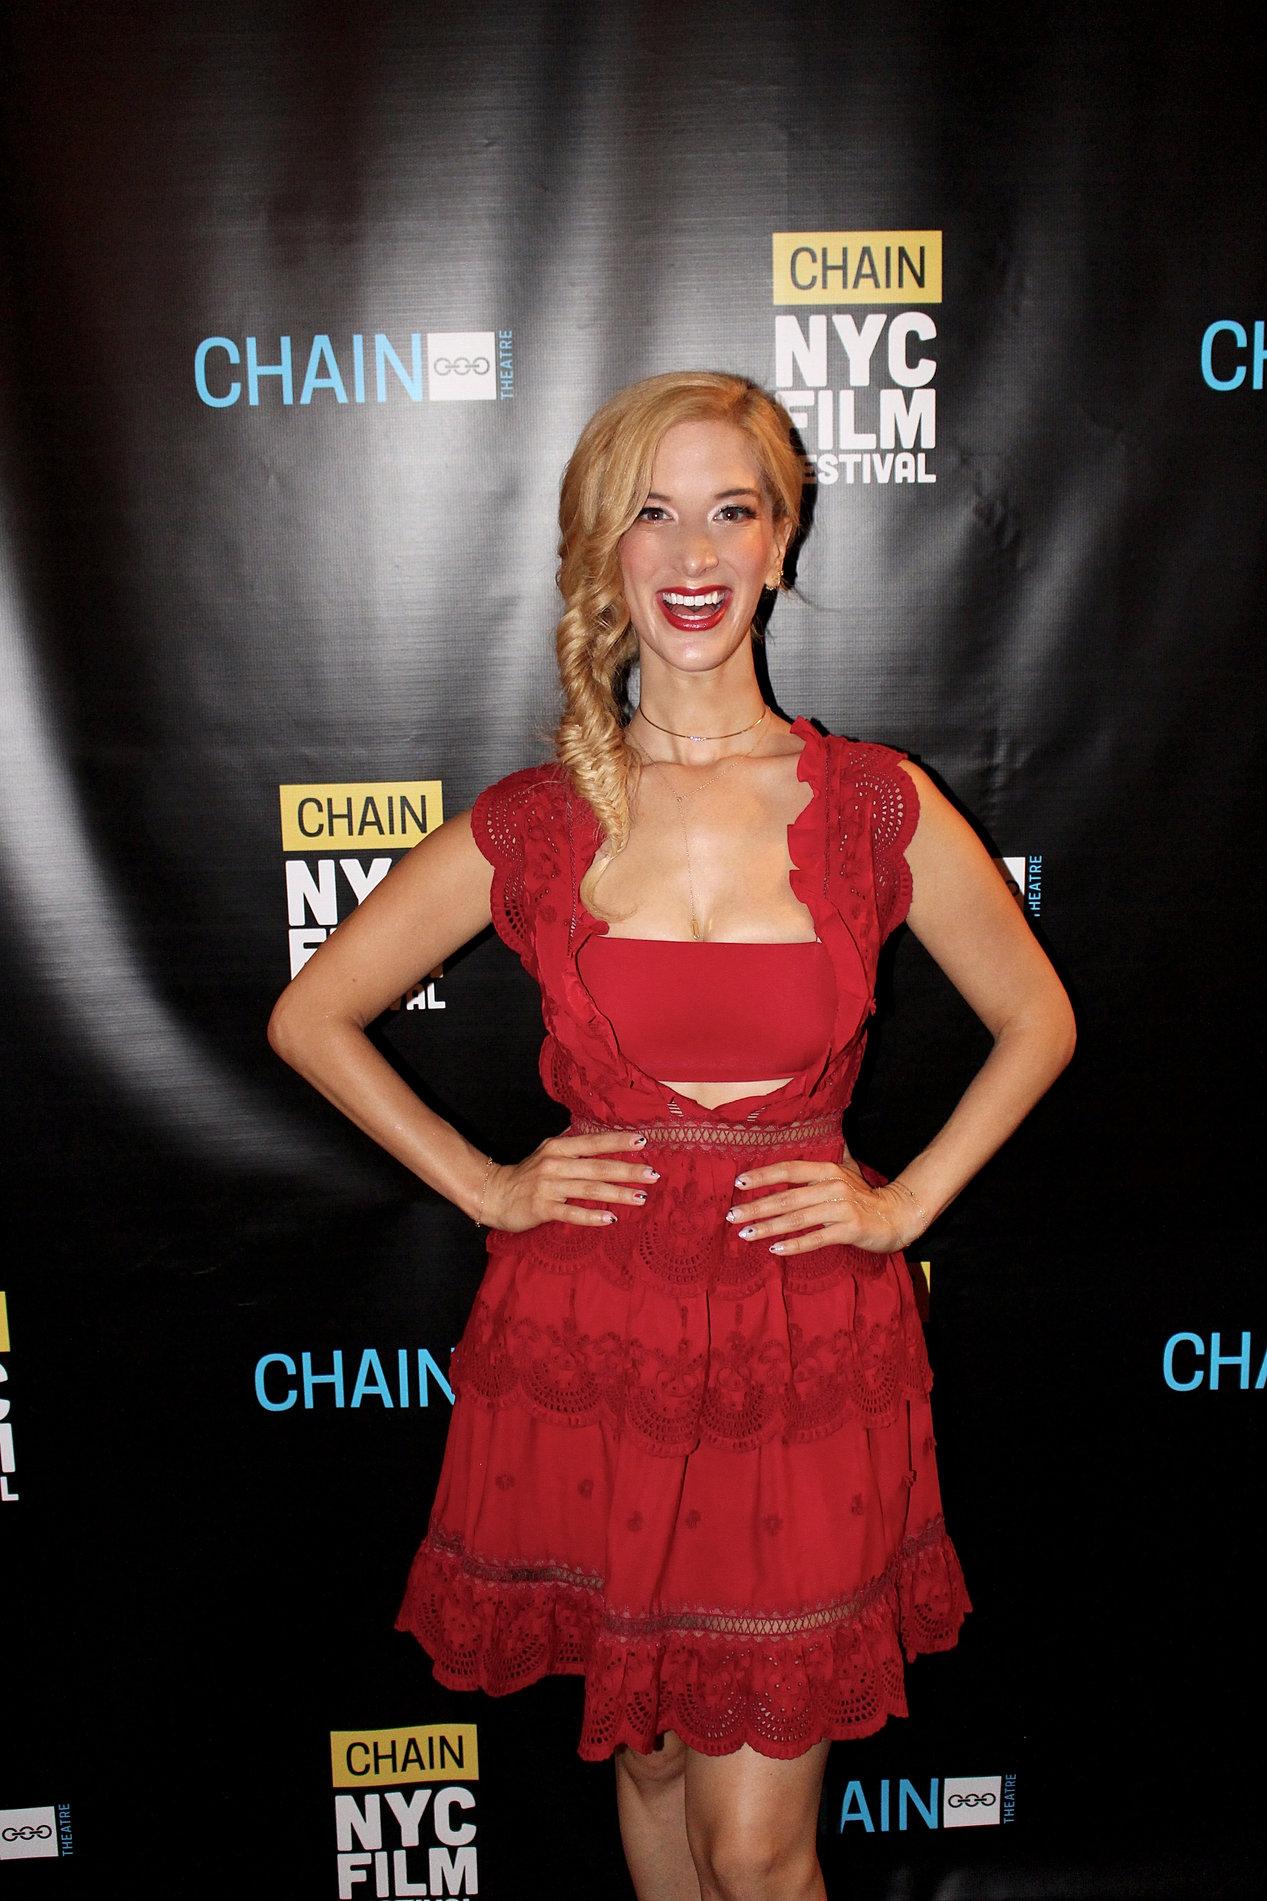 Ilana Becker - Actress...